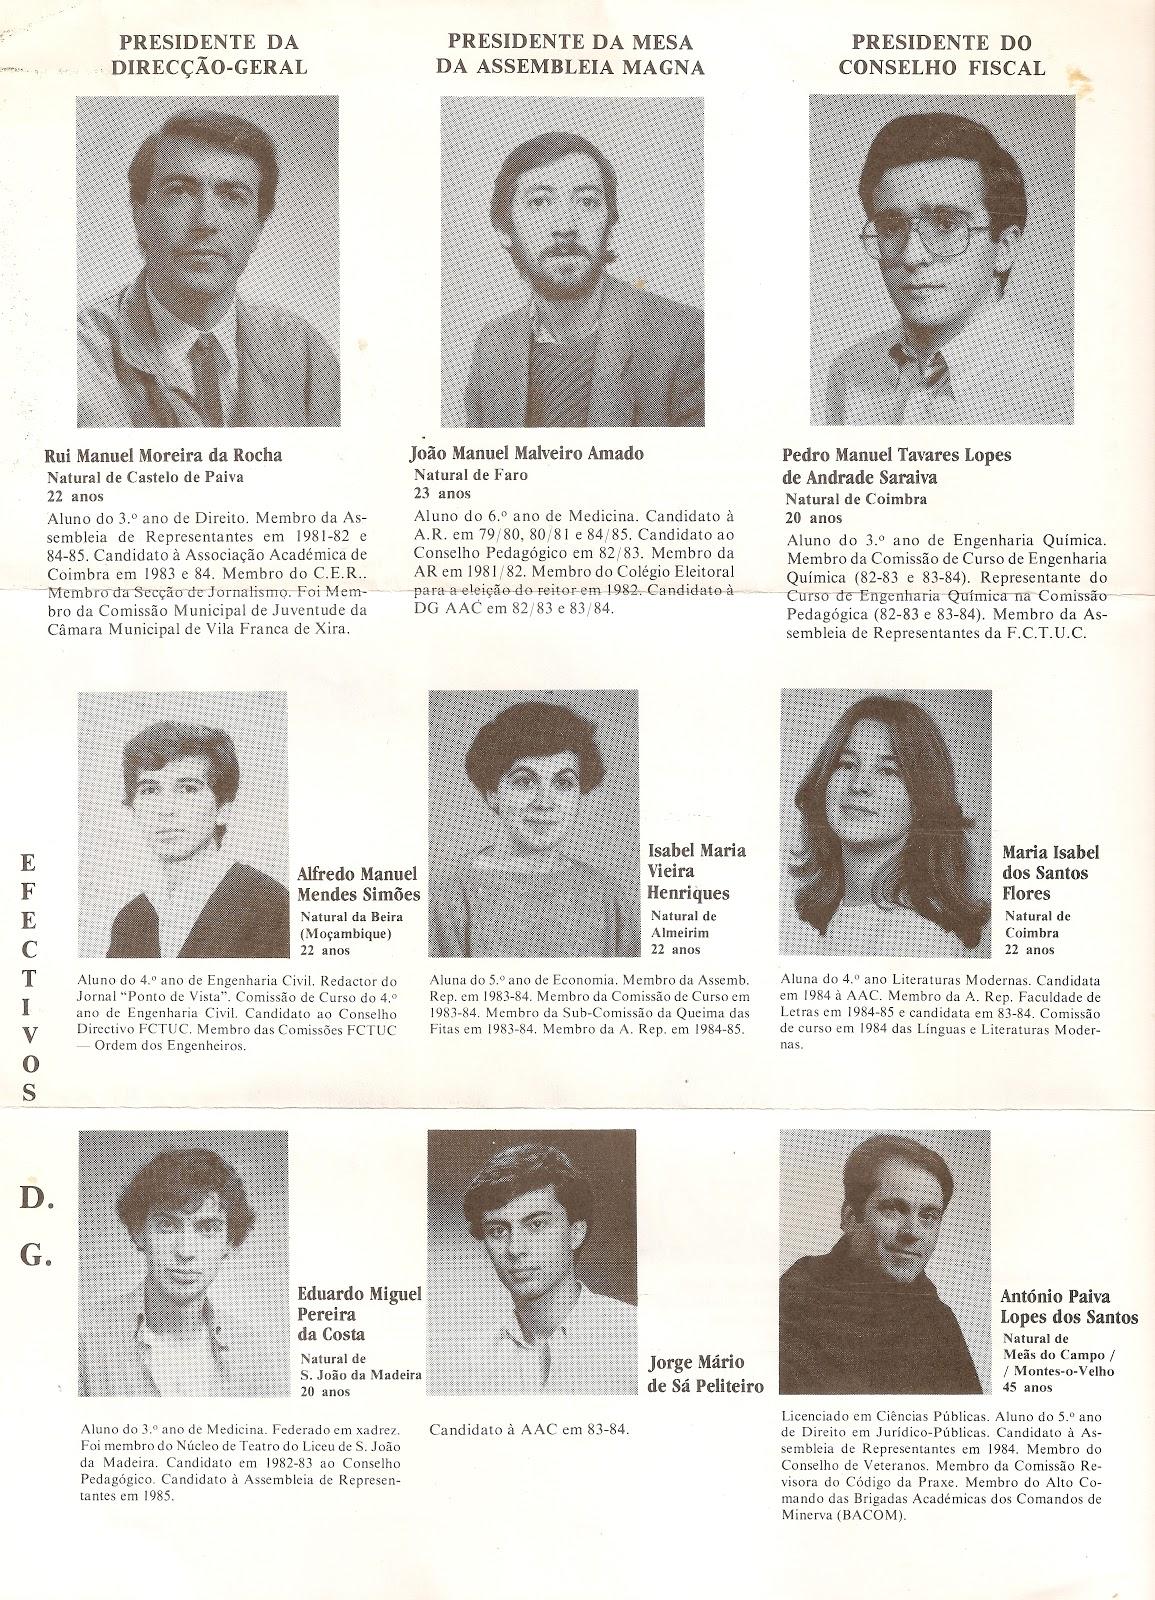 Candidatos à Direcção Geral da Associação Académica de Coimbra em 1984/85